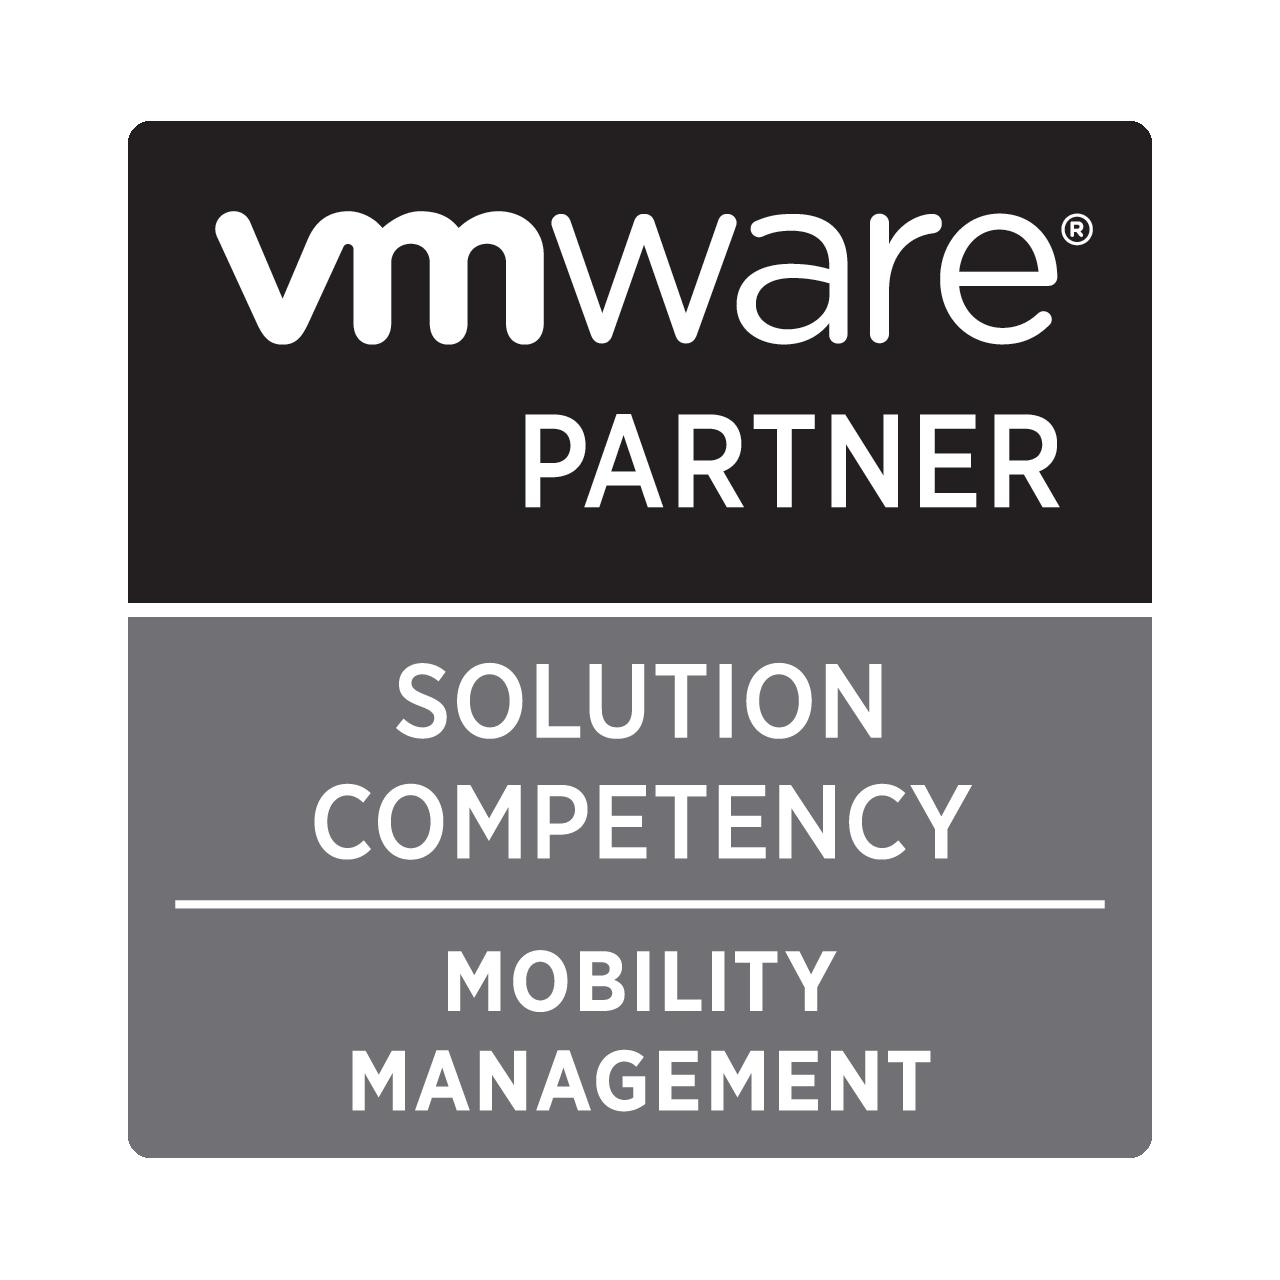 vmware 合作夥伴